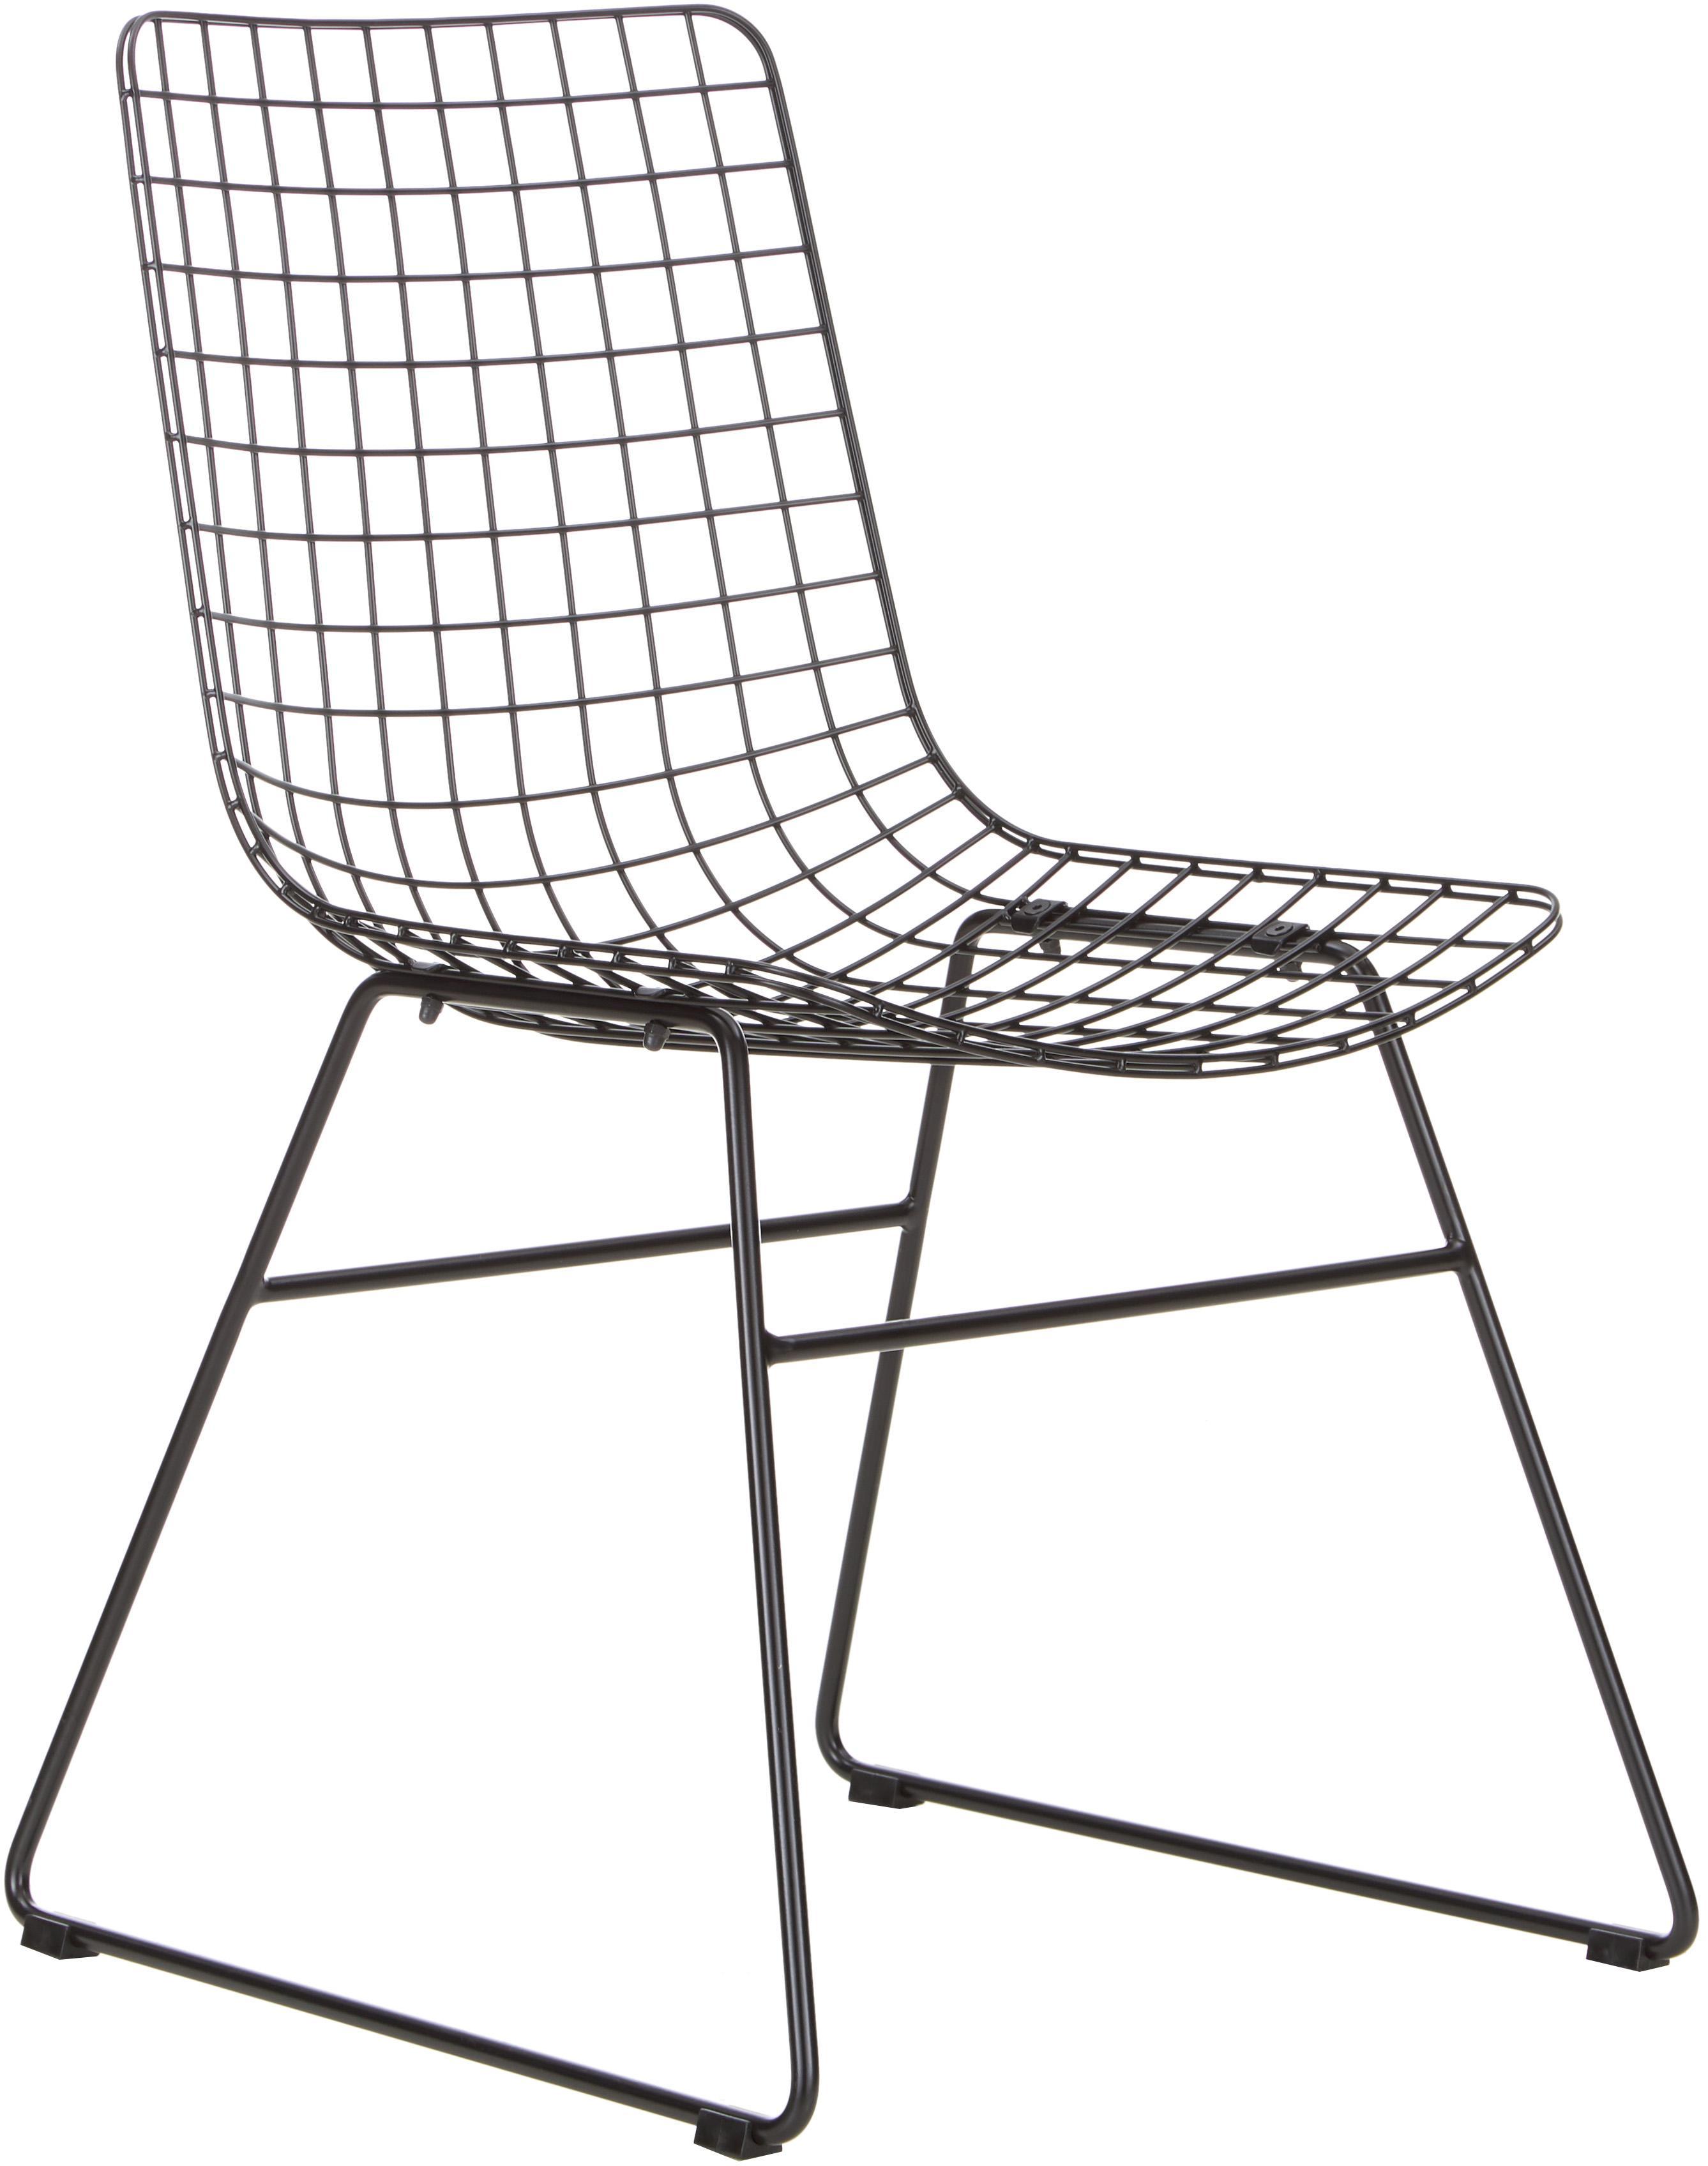 Metalen stoel Wire in zwart, Gepoedercoat metaal, Zwart, B 47 x D 54 cm